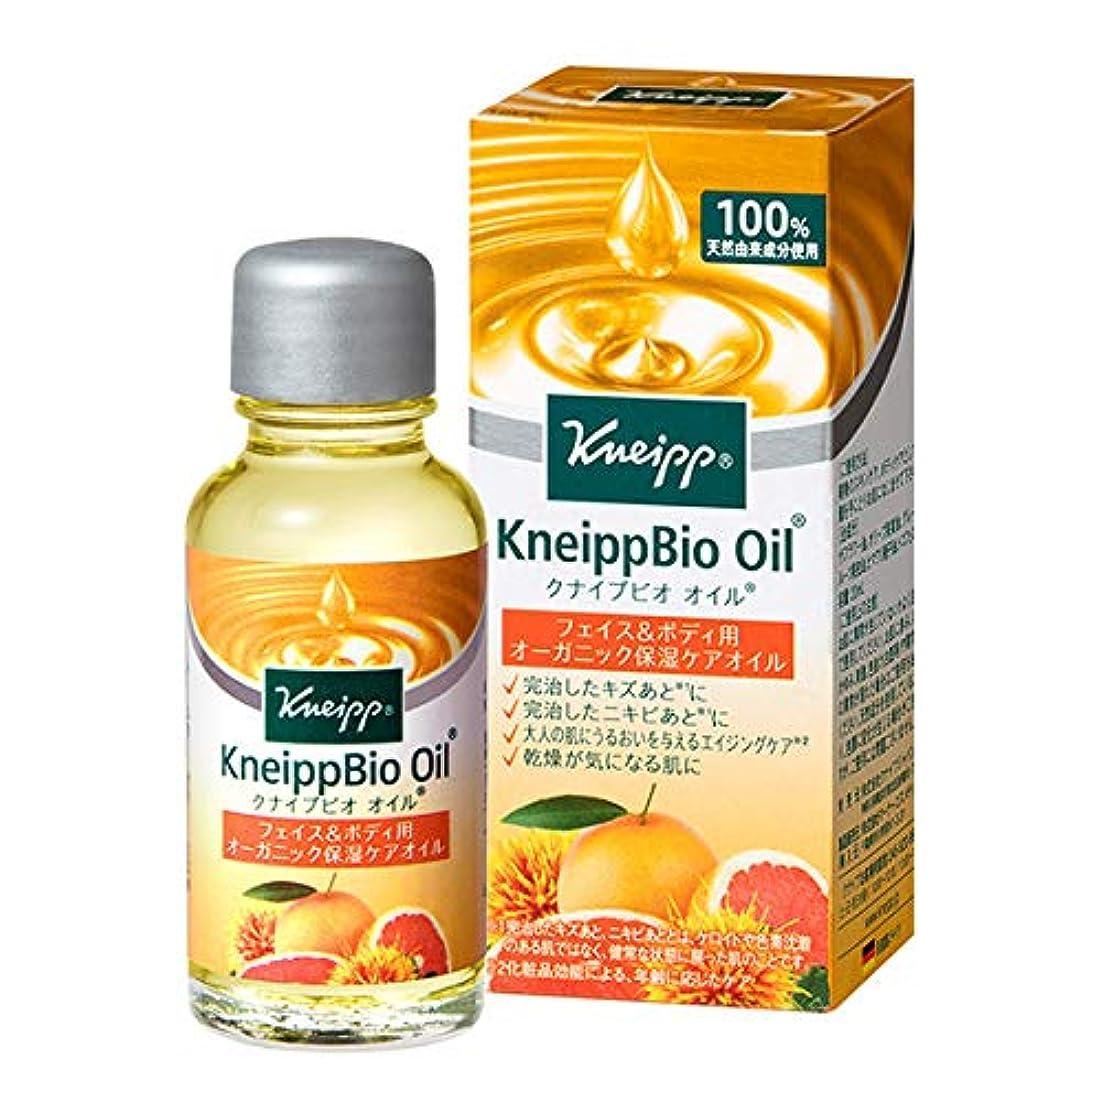 優先権のど東ティモールクナイプ(Kneipp) クナイプビオ オイル20mL 美容液